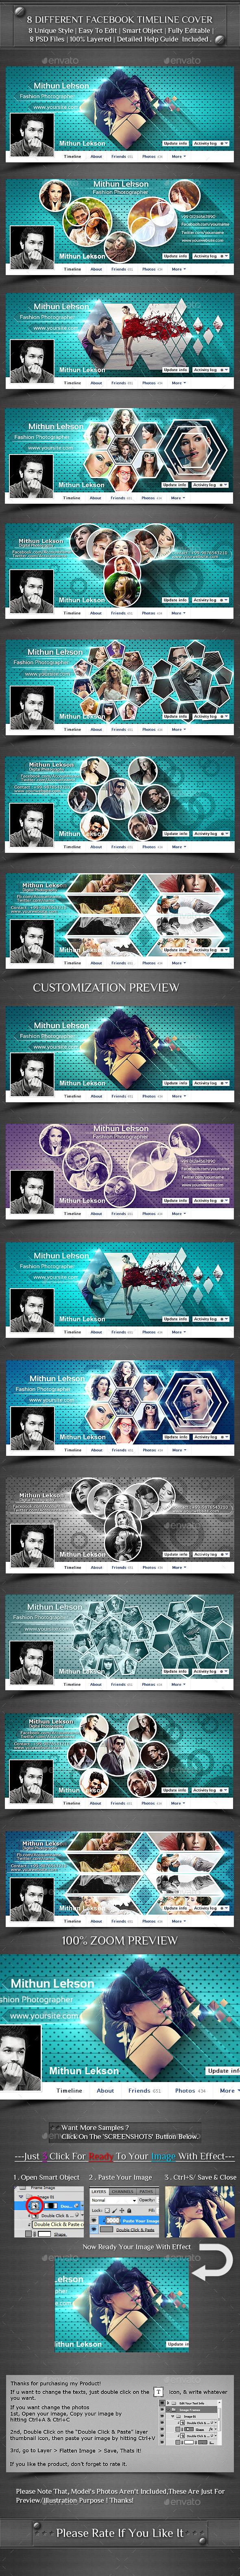 8 Different Facebook Timeline Cover - Facebook Timeline Covers Social Media